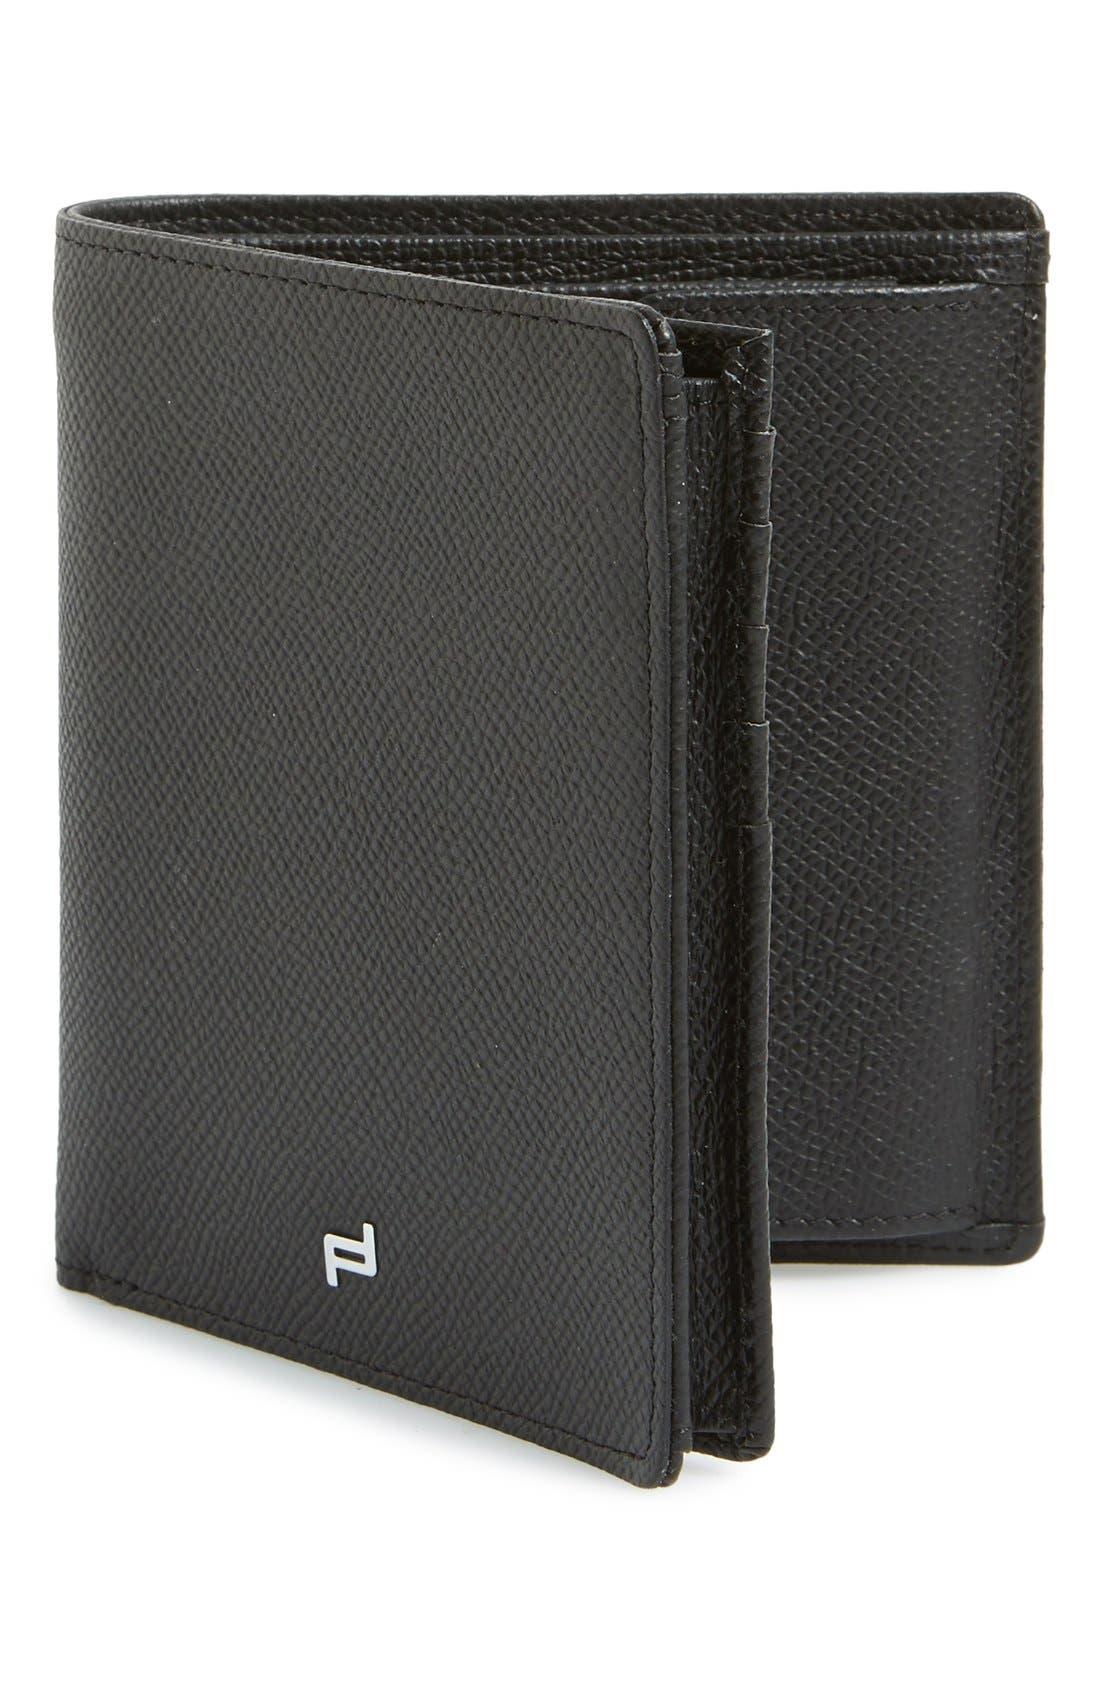 PORSCHE DESIGN 'FC 3.0' Leather Billfold Wallet